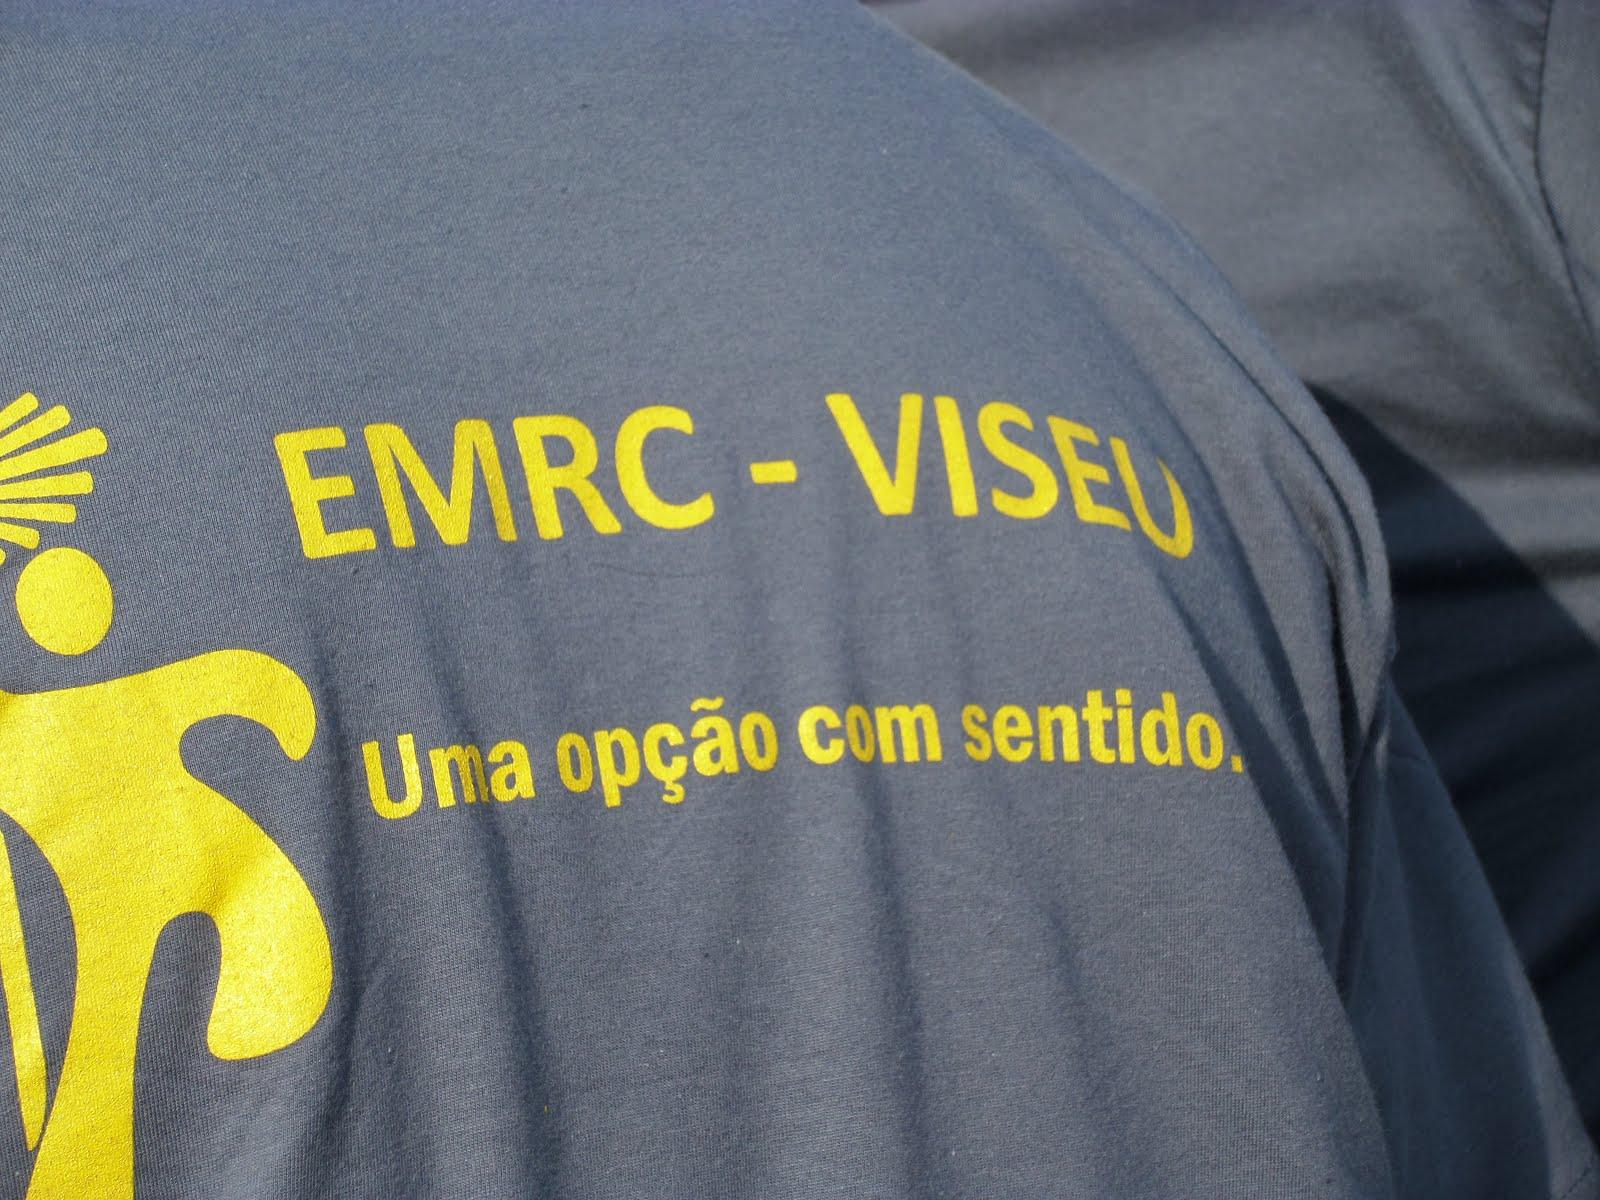 EMRC VISEU